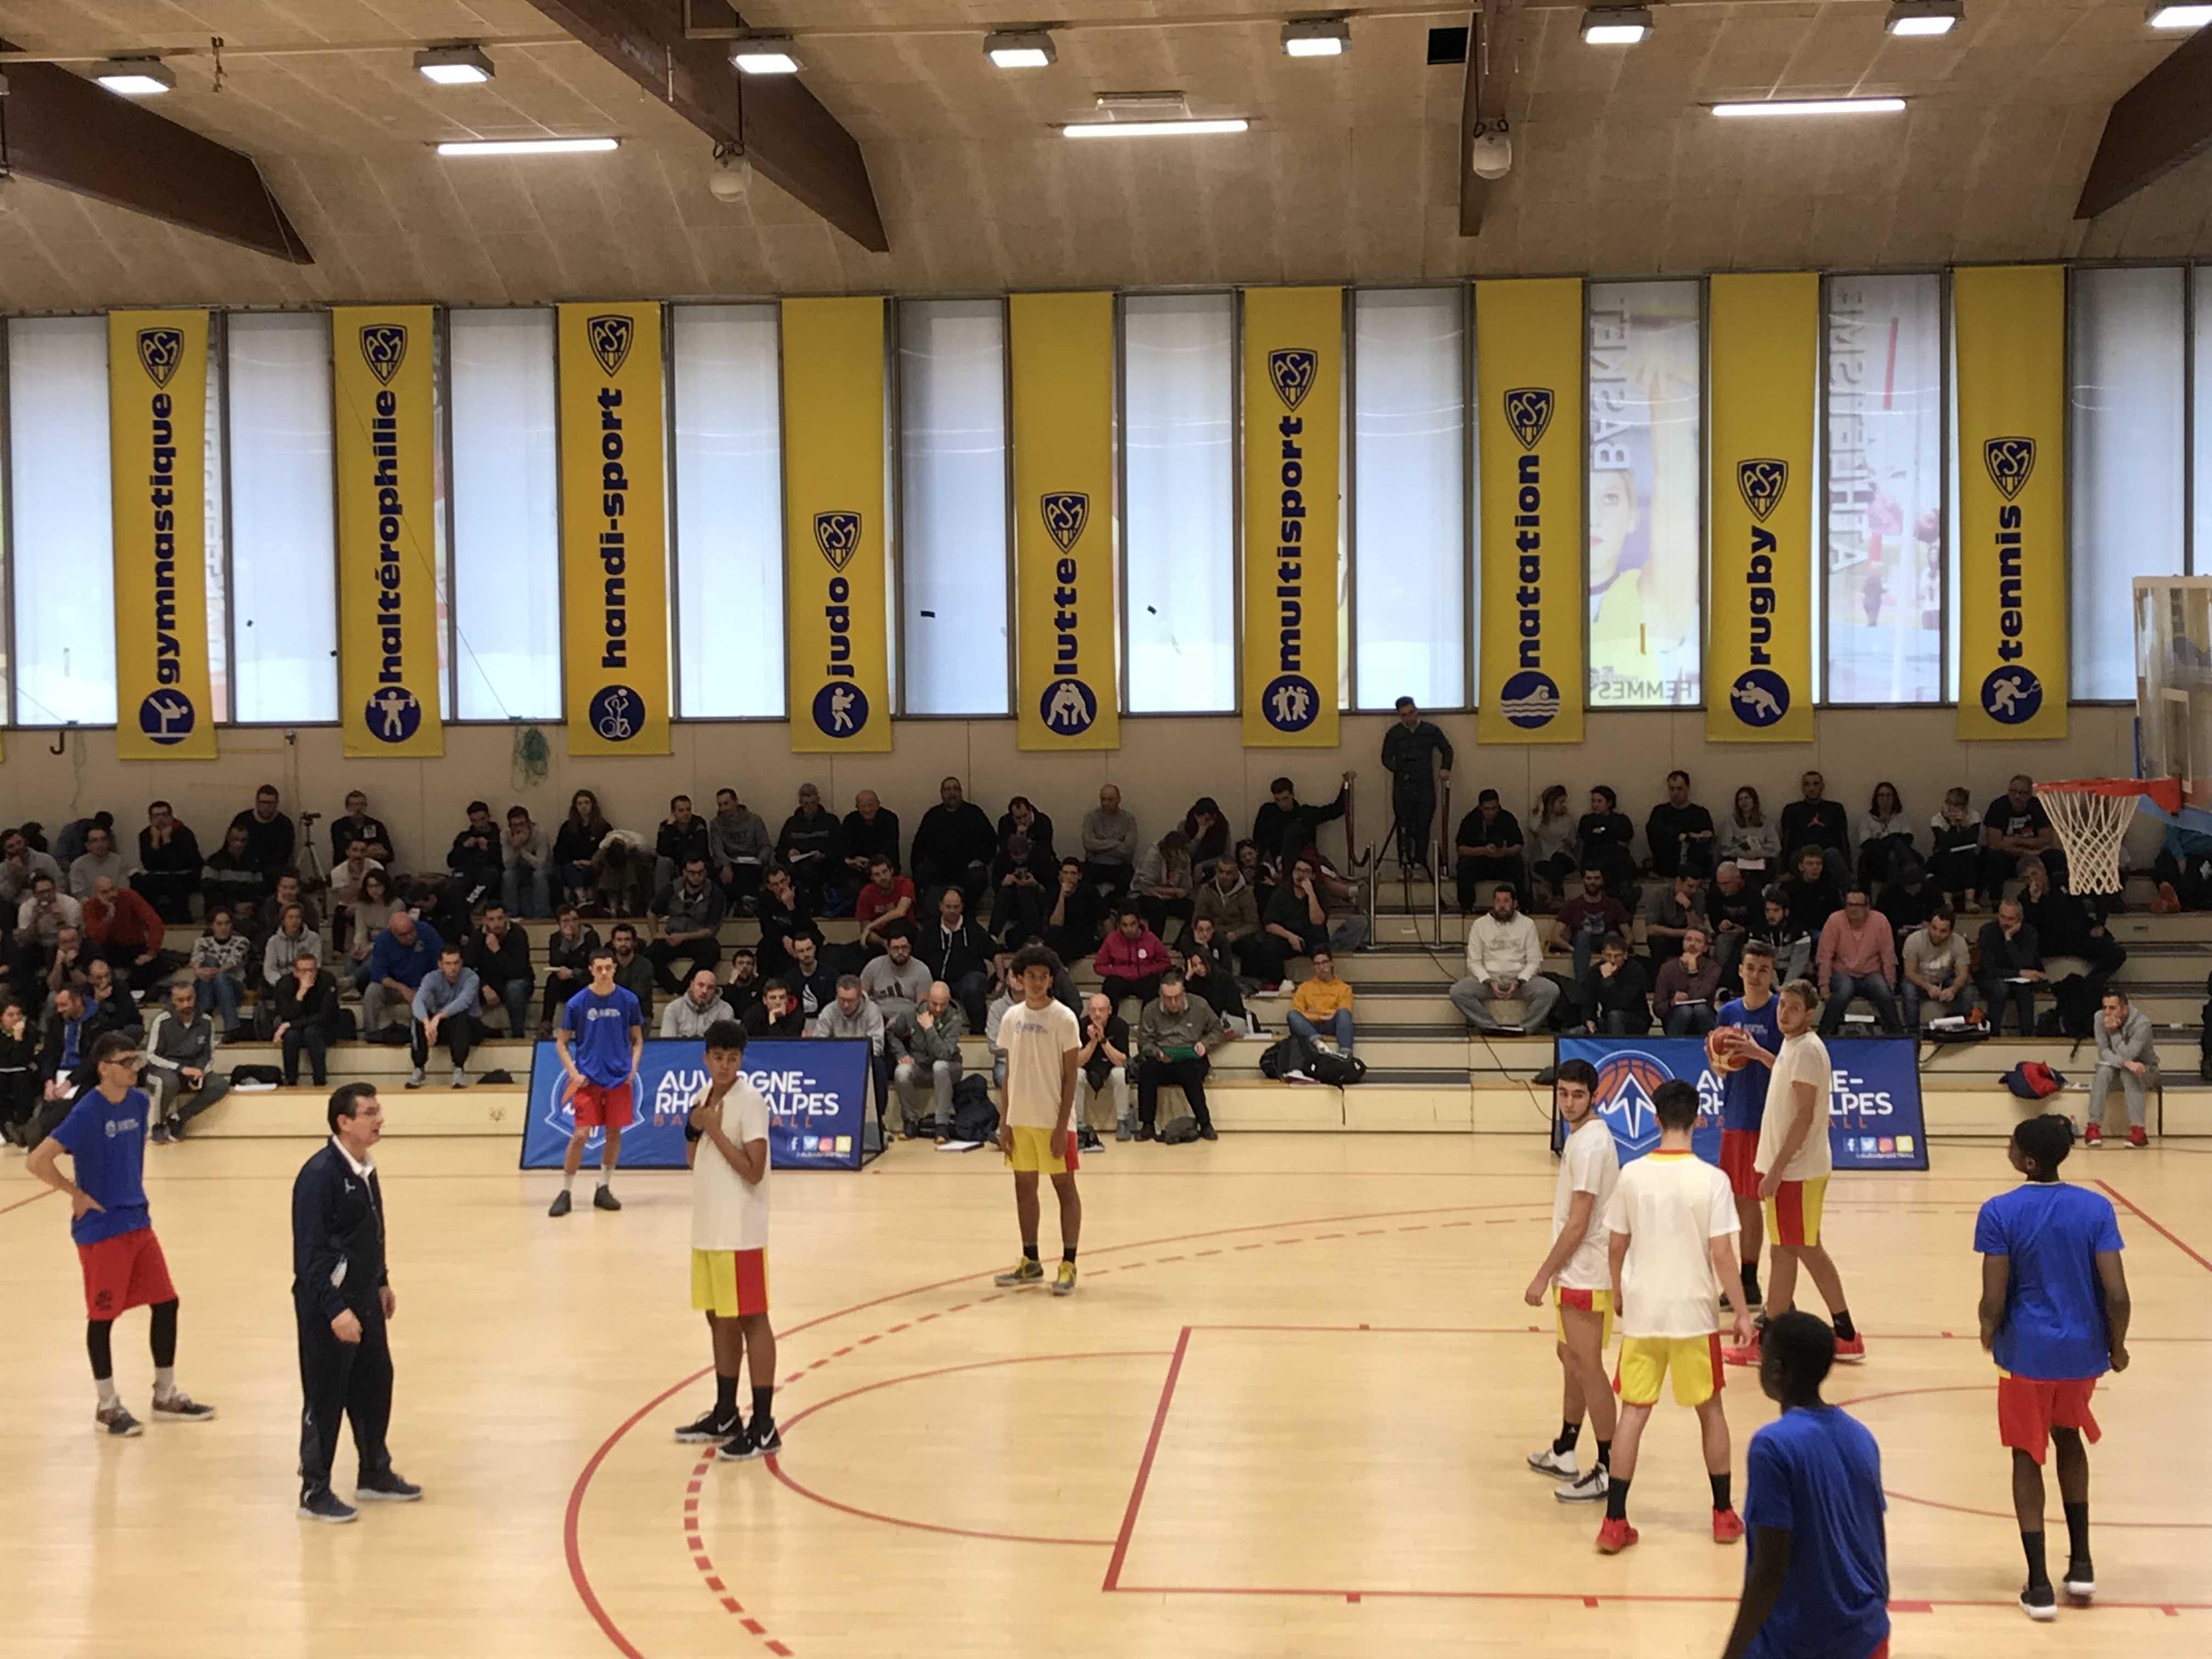 Colloques des entraineurs de basketball 2019